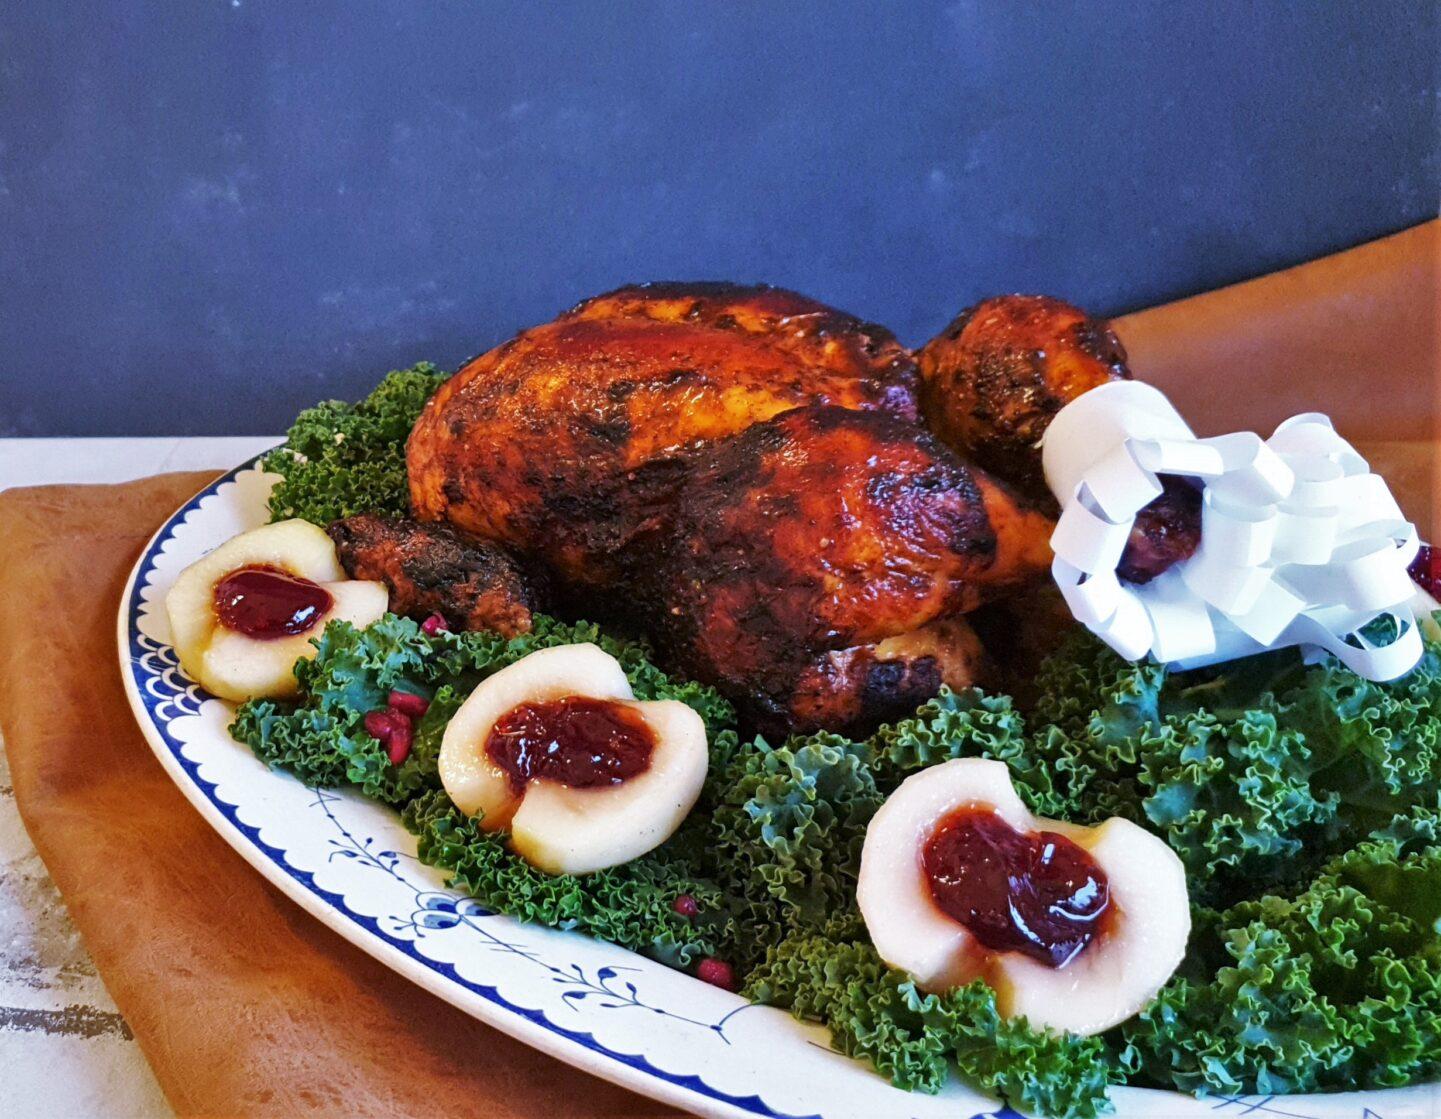 Gepettos kyllingesteg med kryddersmør